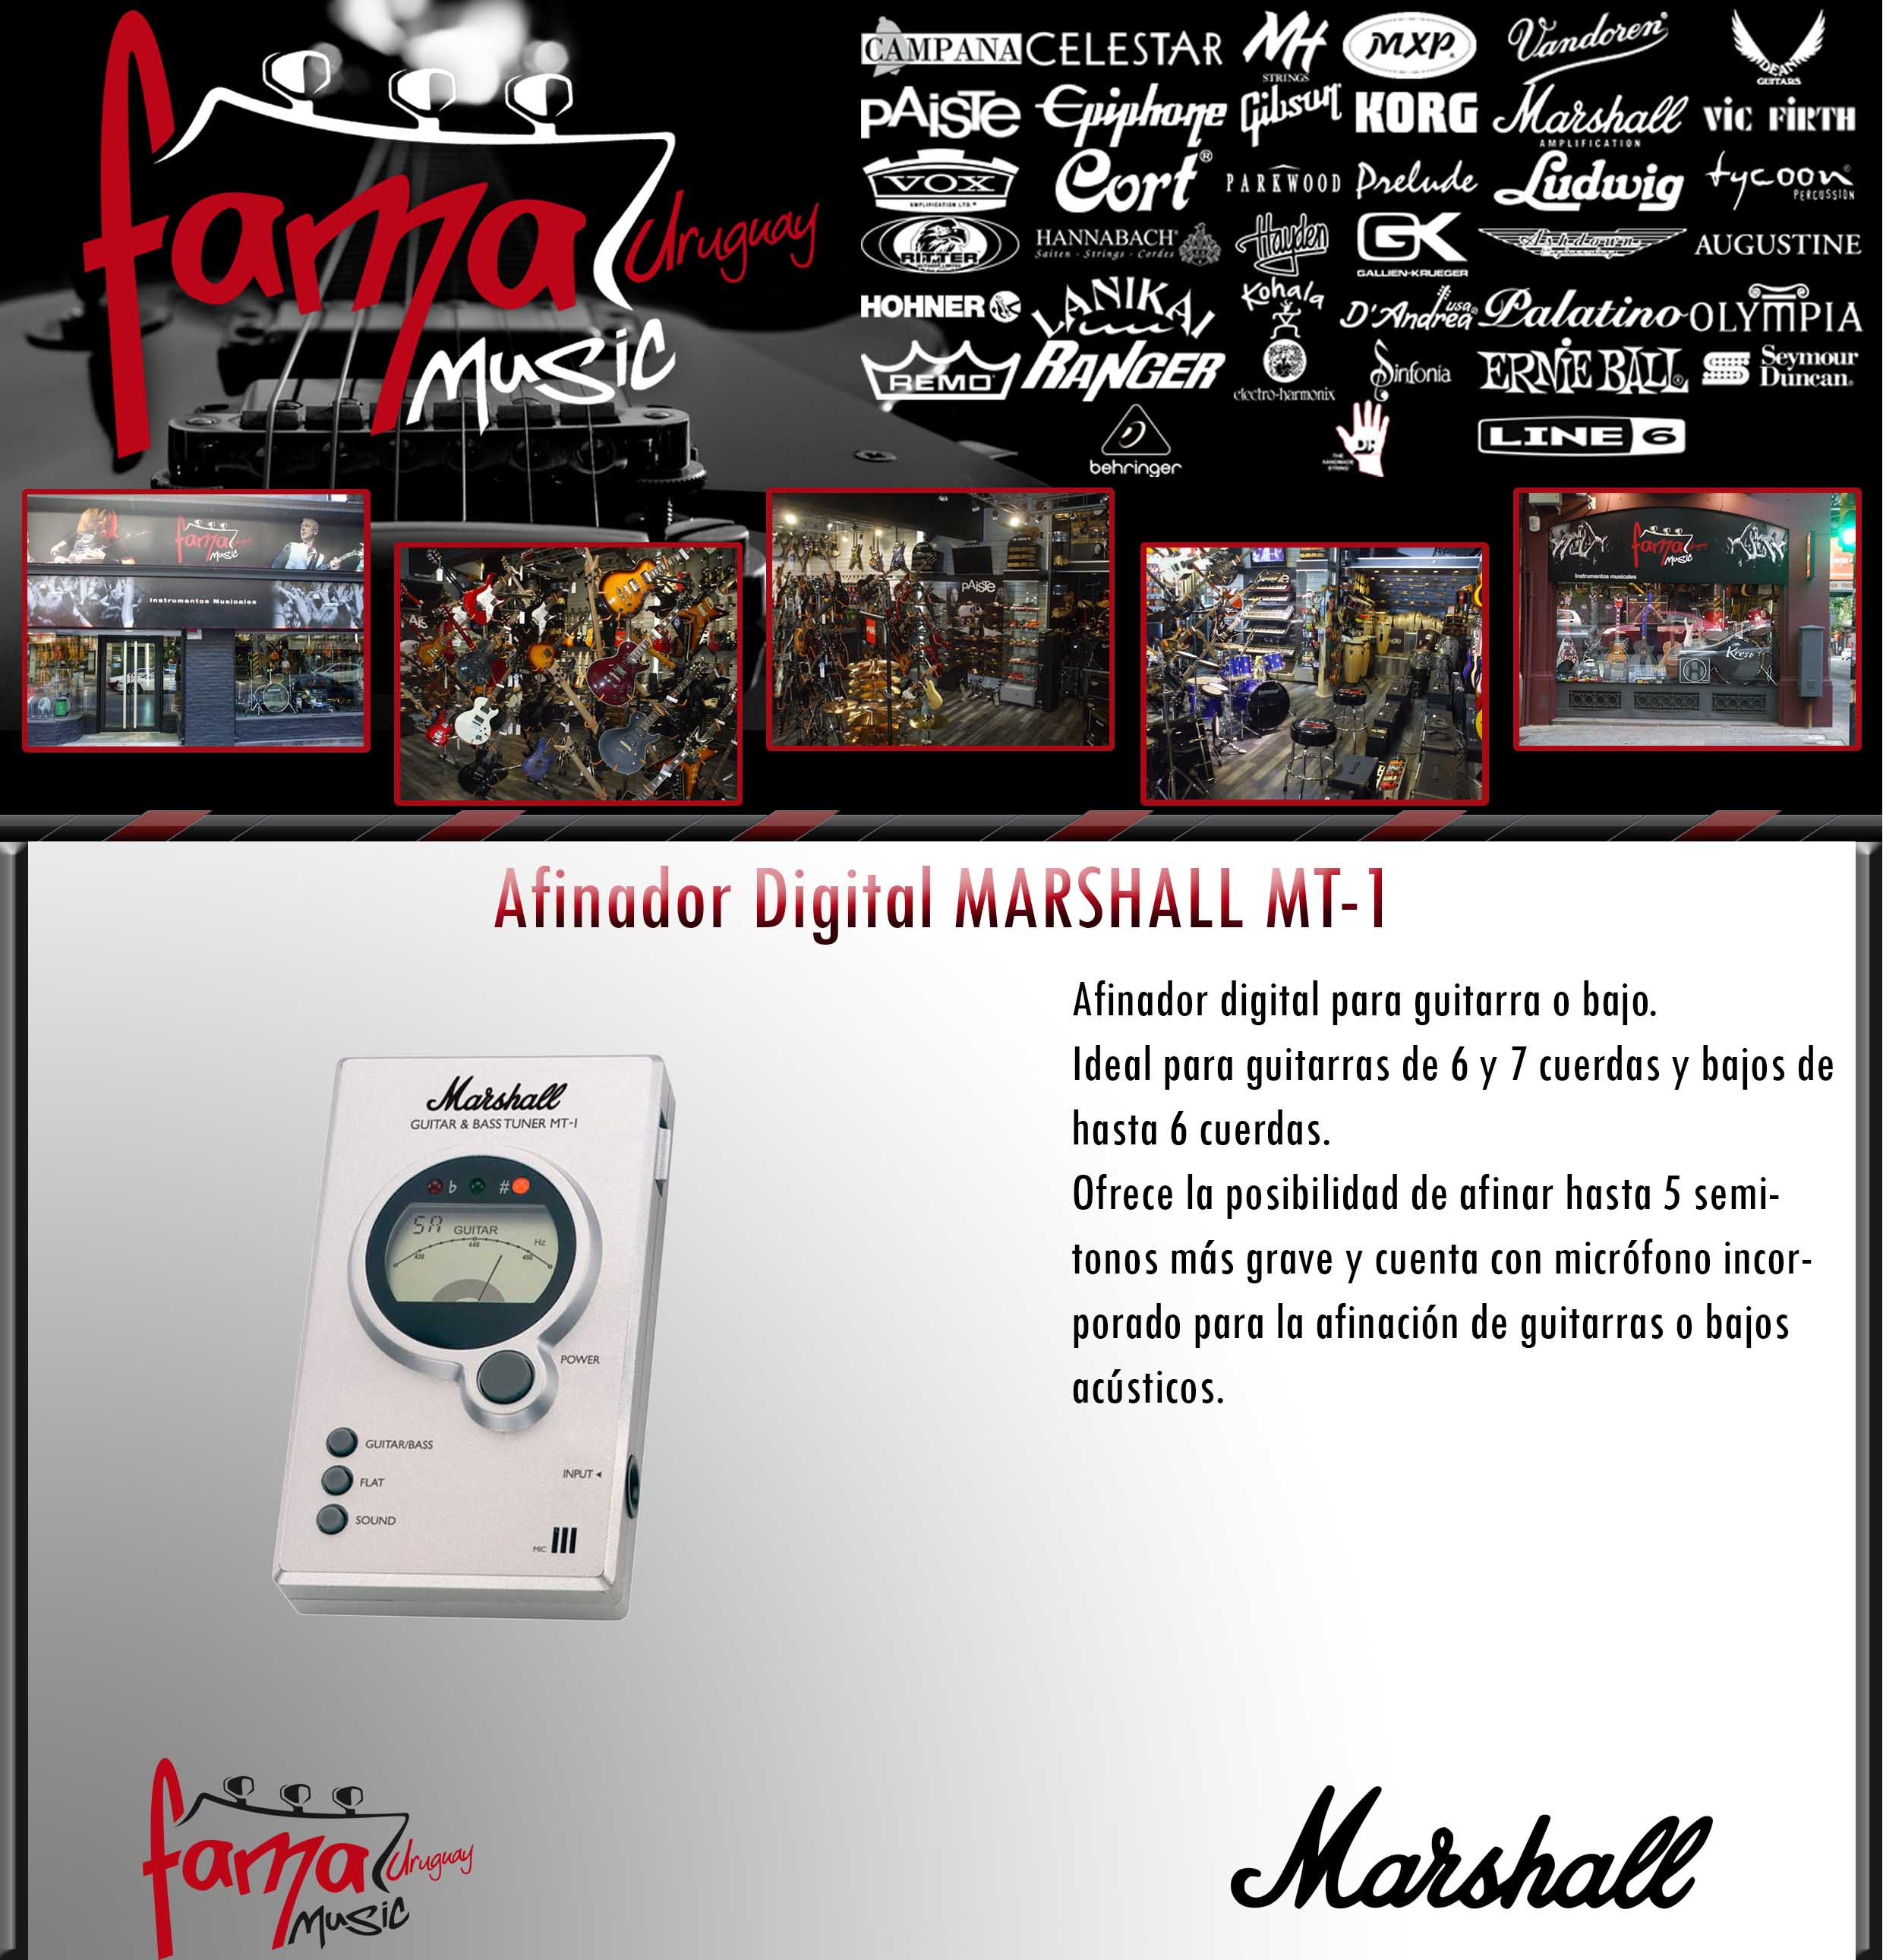 Afinador Digital MARSHALL MT-1